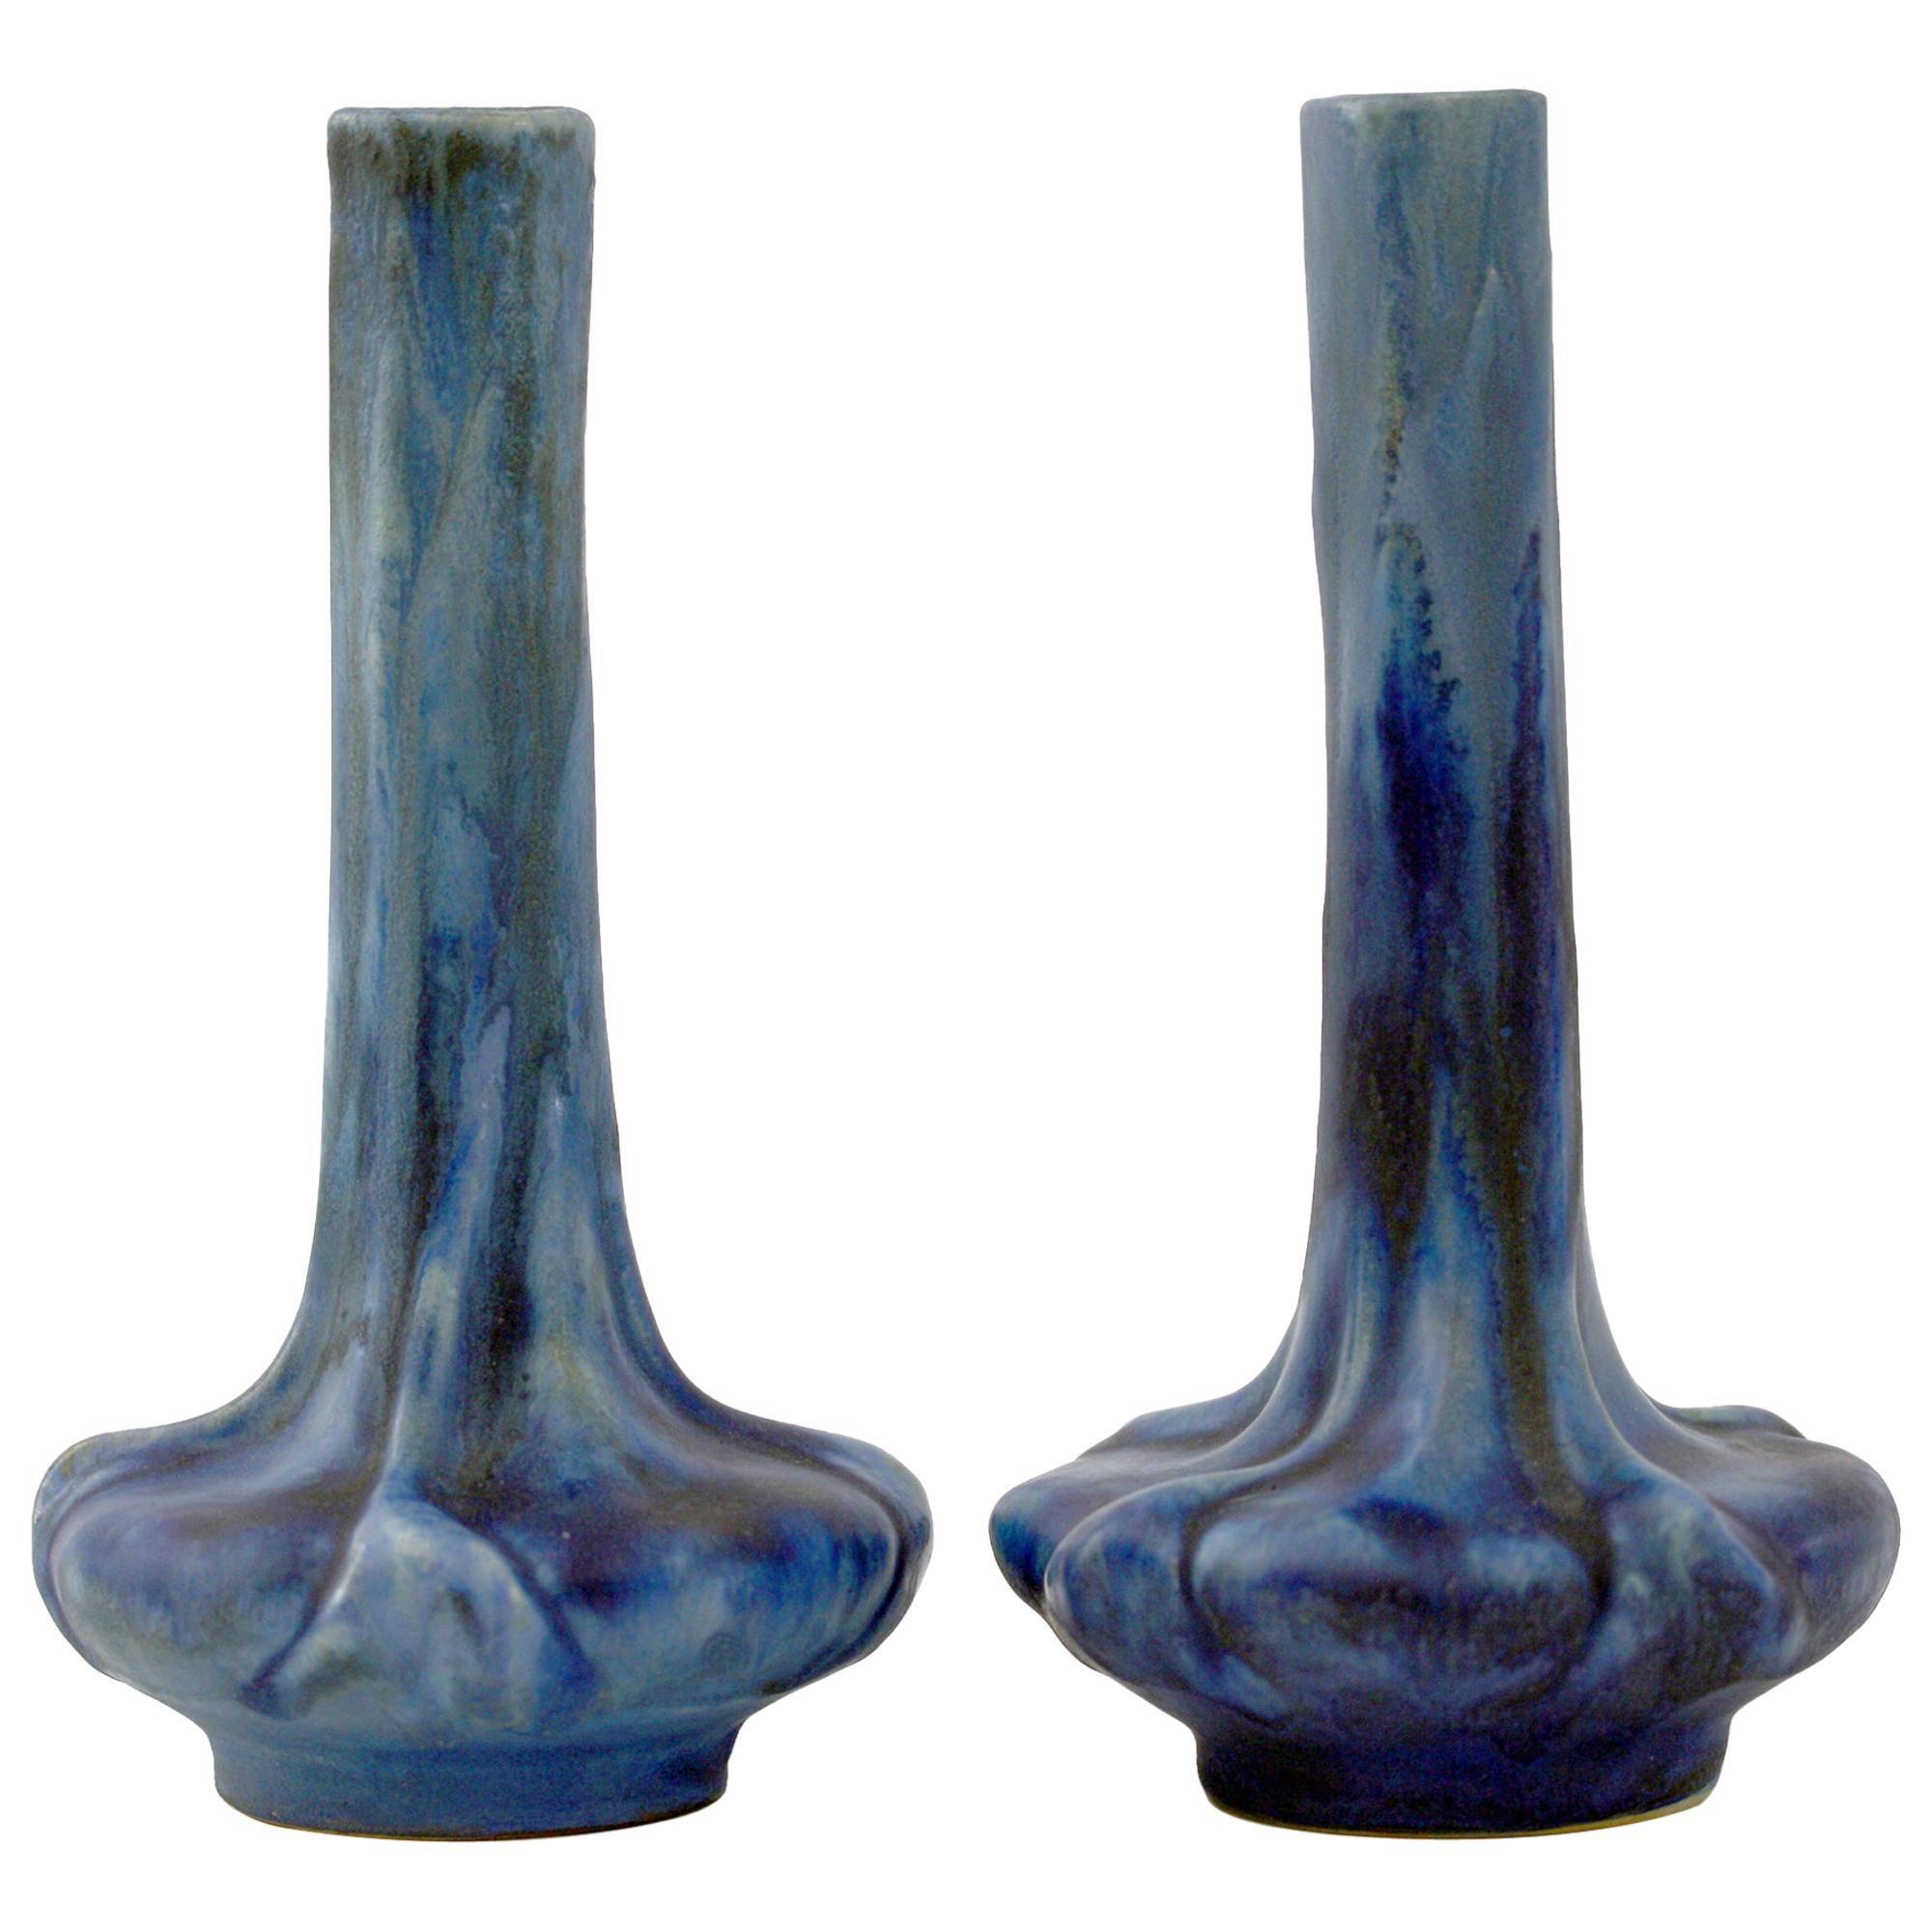 Pierrefonds French Pair of Crystalline Glazed Art Pottery Vases, circa 1910